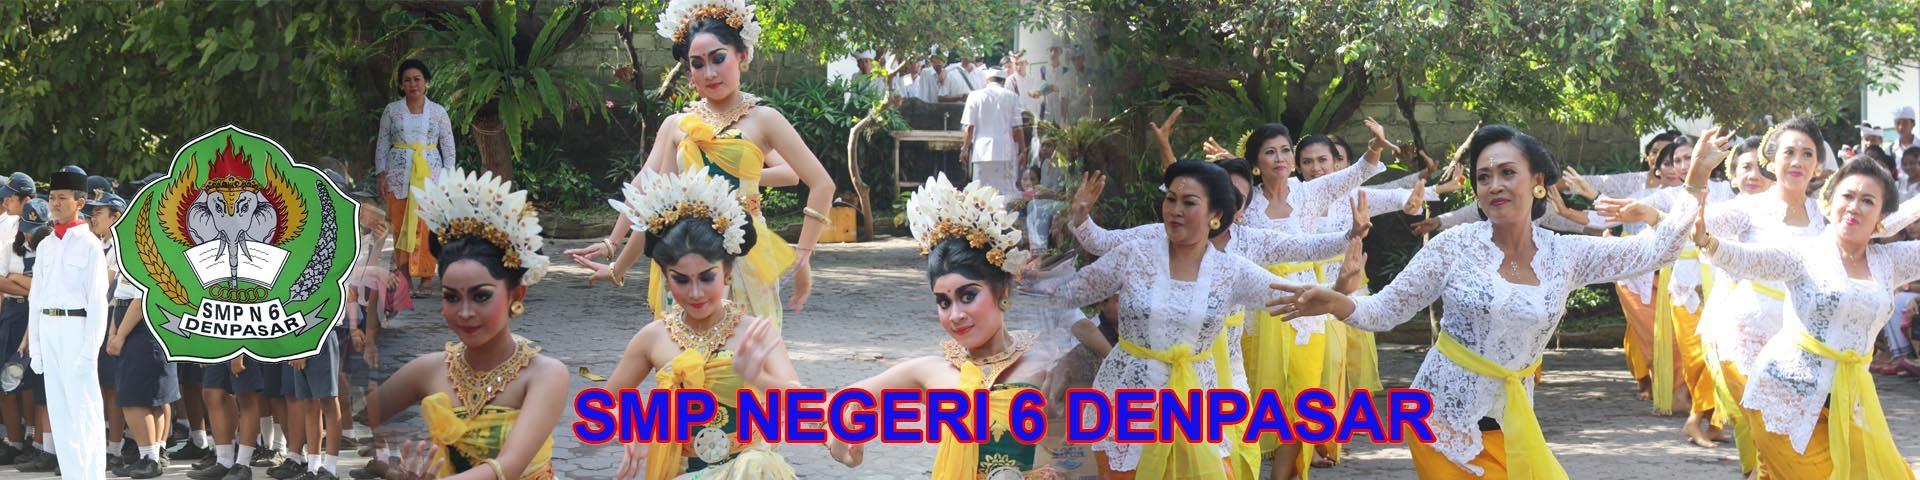 SMP Negeri 6 Denpasar